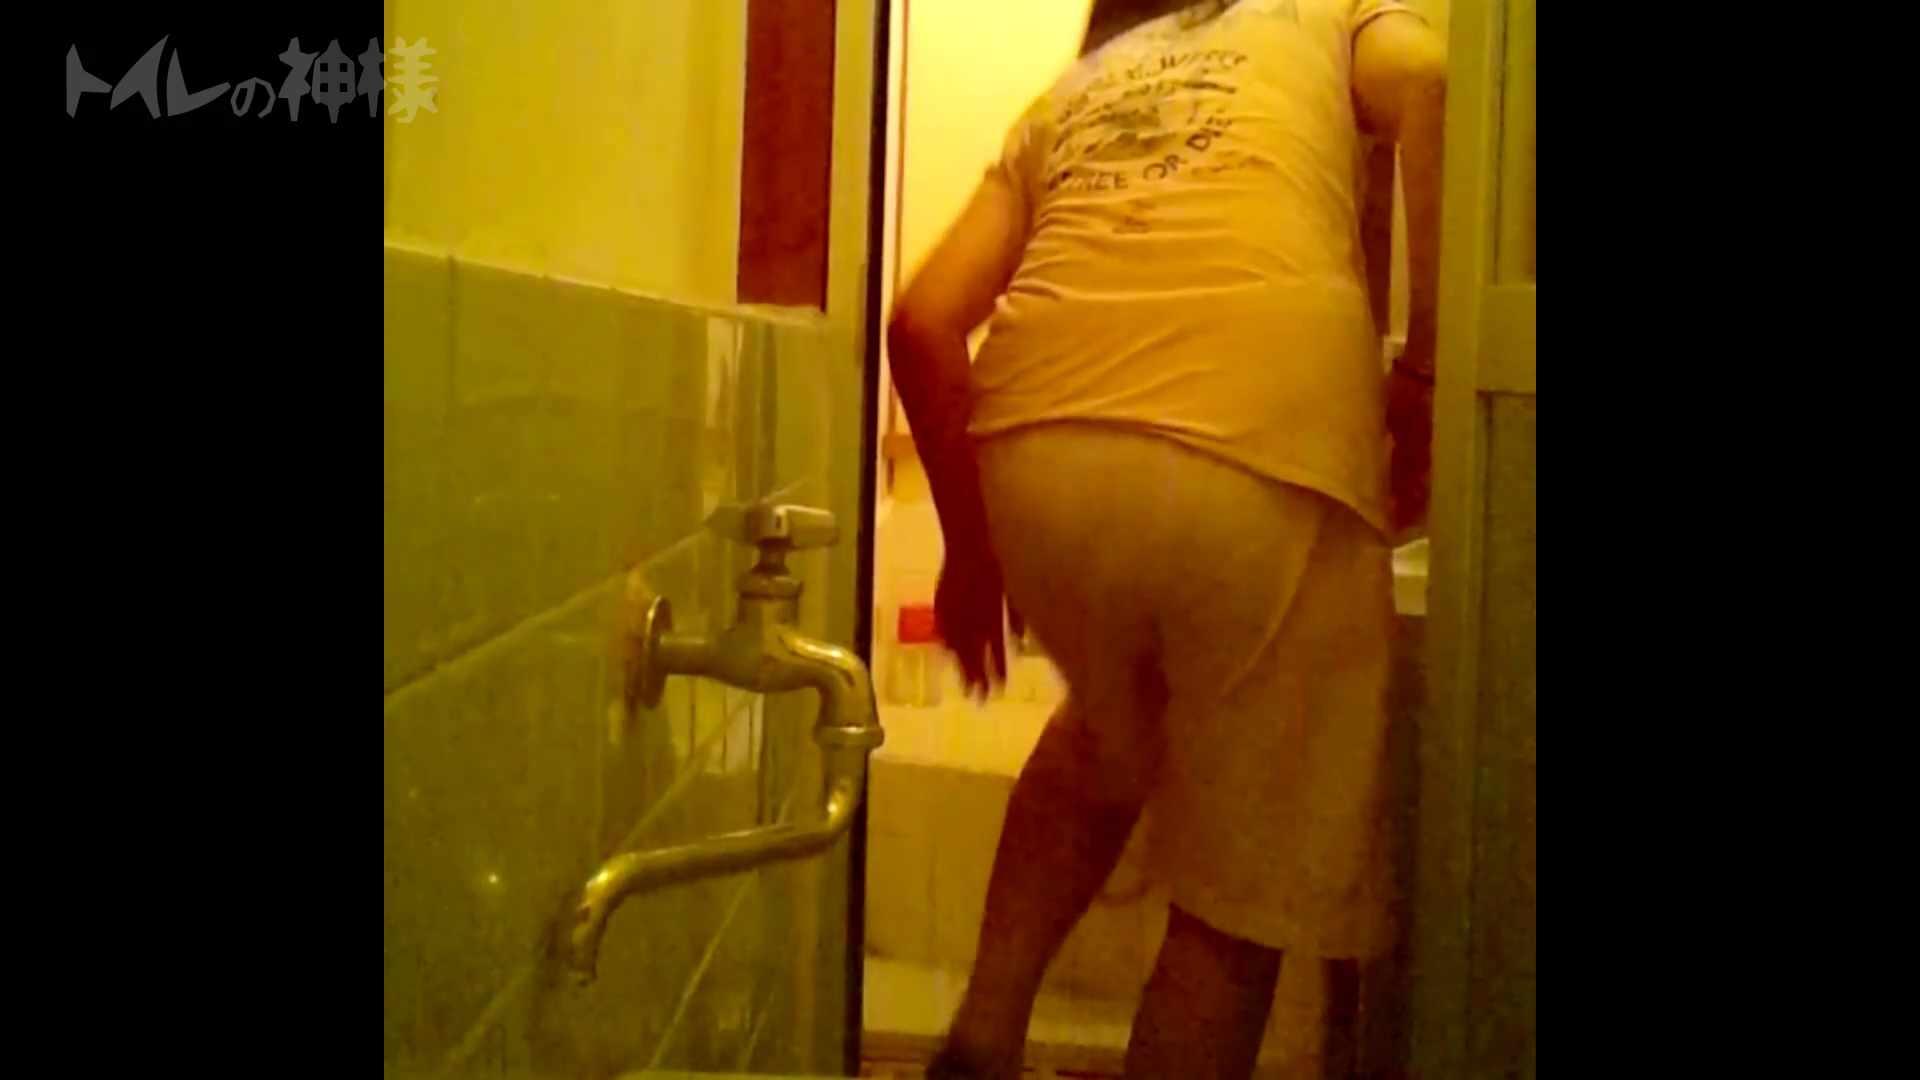 トイレの神様 Vol.08 プリントしたお・し・り トイレ中 | OL  46連発 13